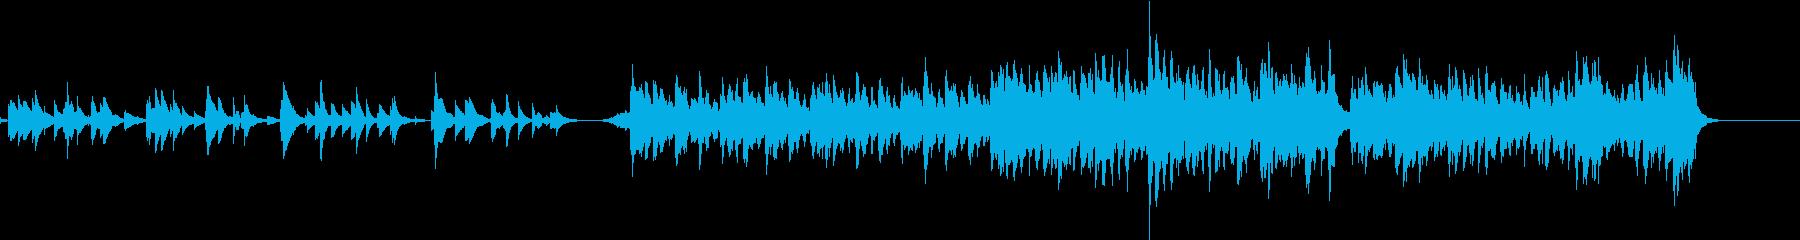 オルゴールの子守luは、明るいオー...の再生済みの波形